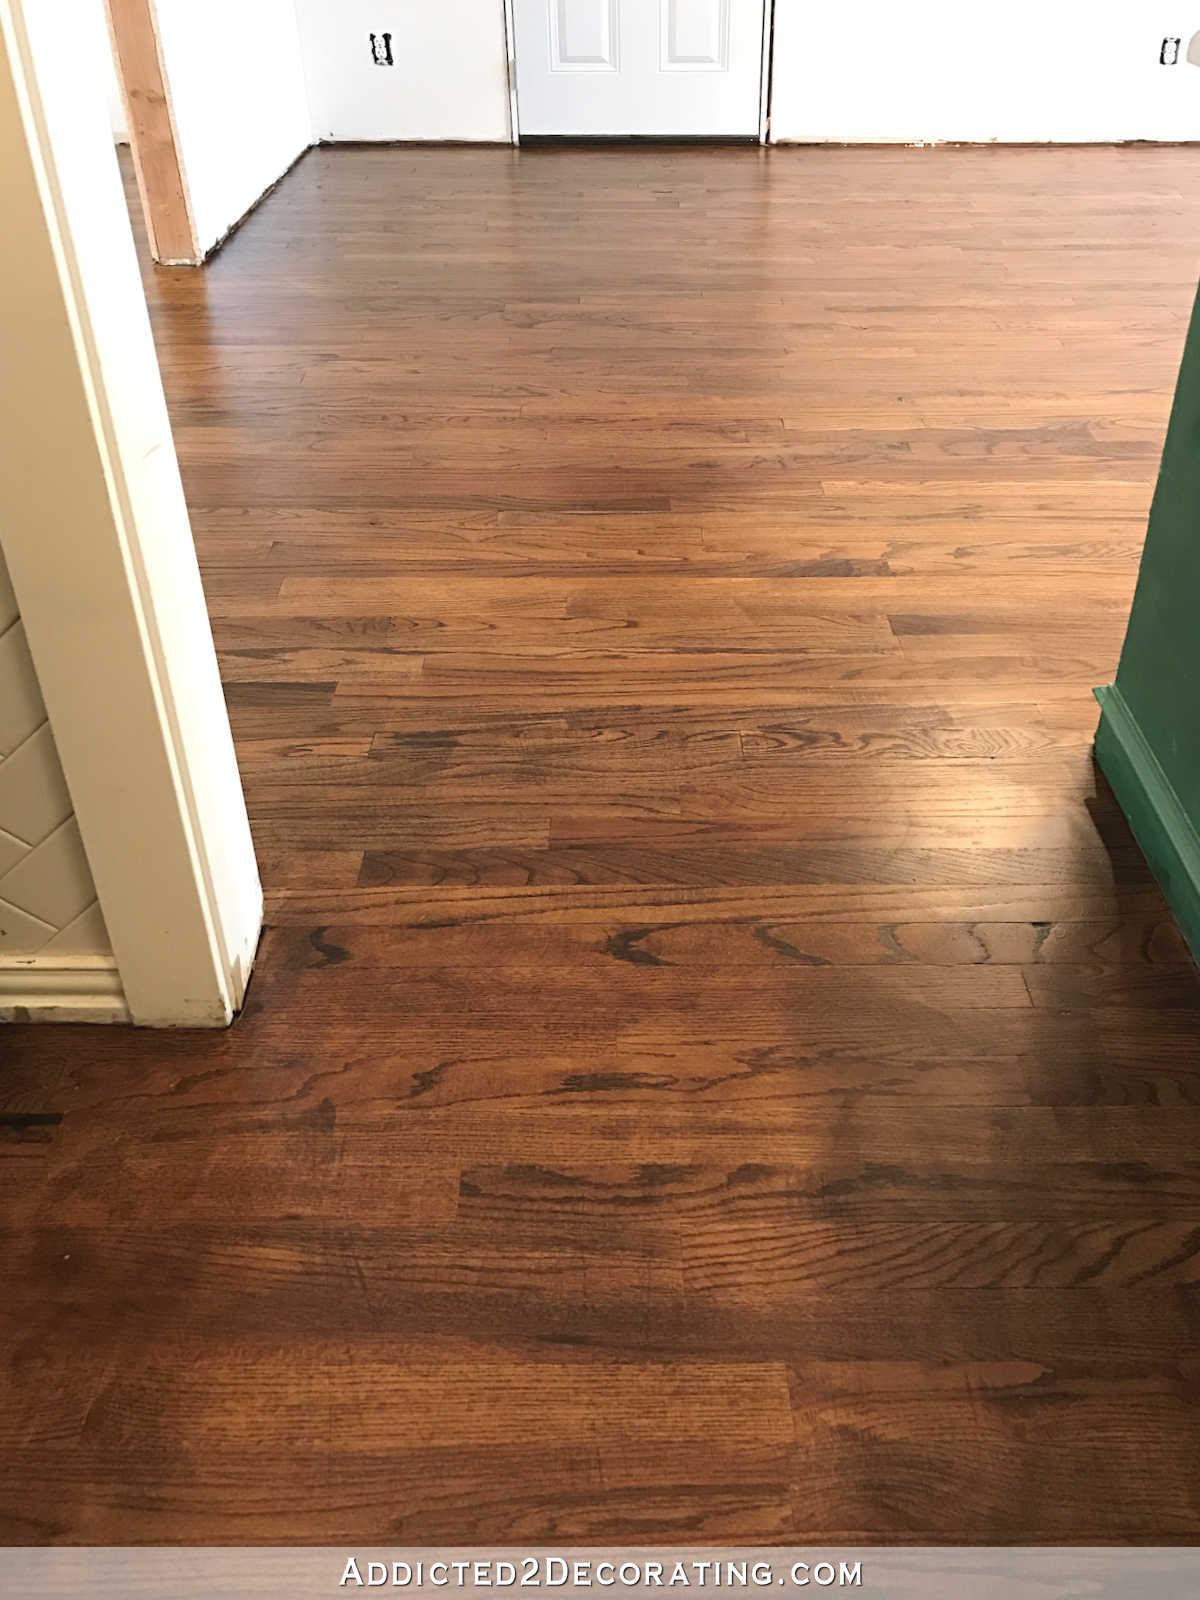 Red oak hardwood flooring refinished red oak hardwood floors - kitchen and breakfast room OCNLIJK